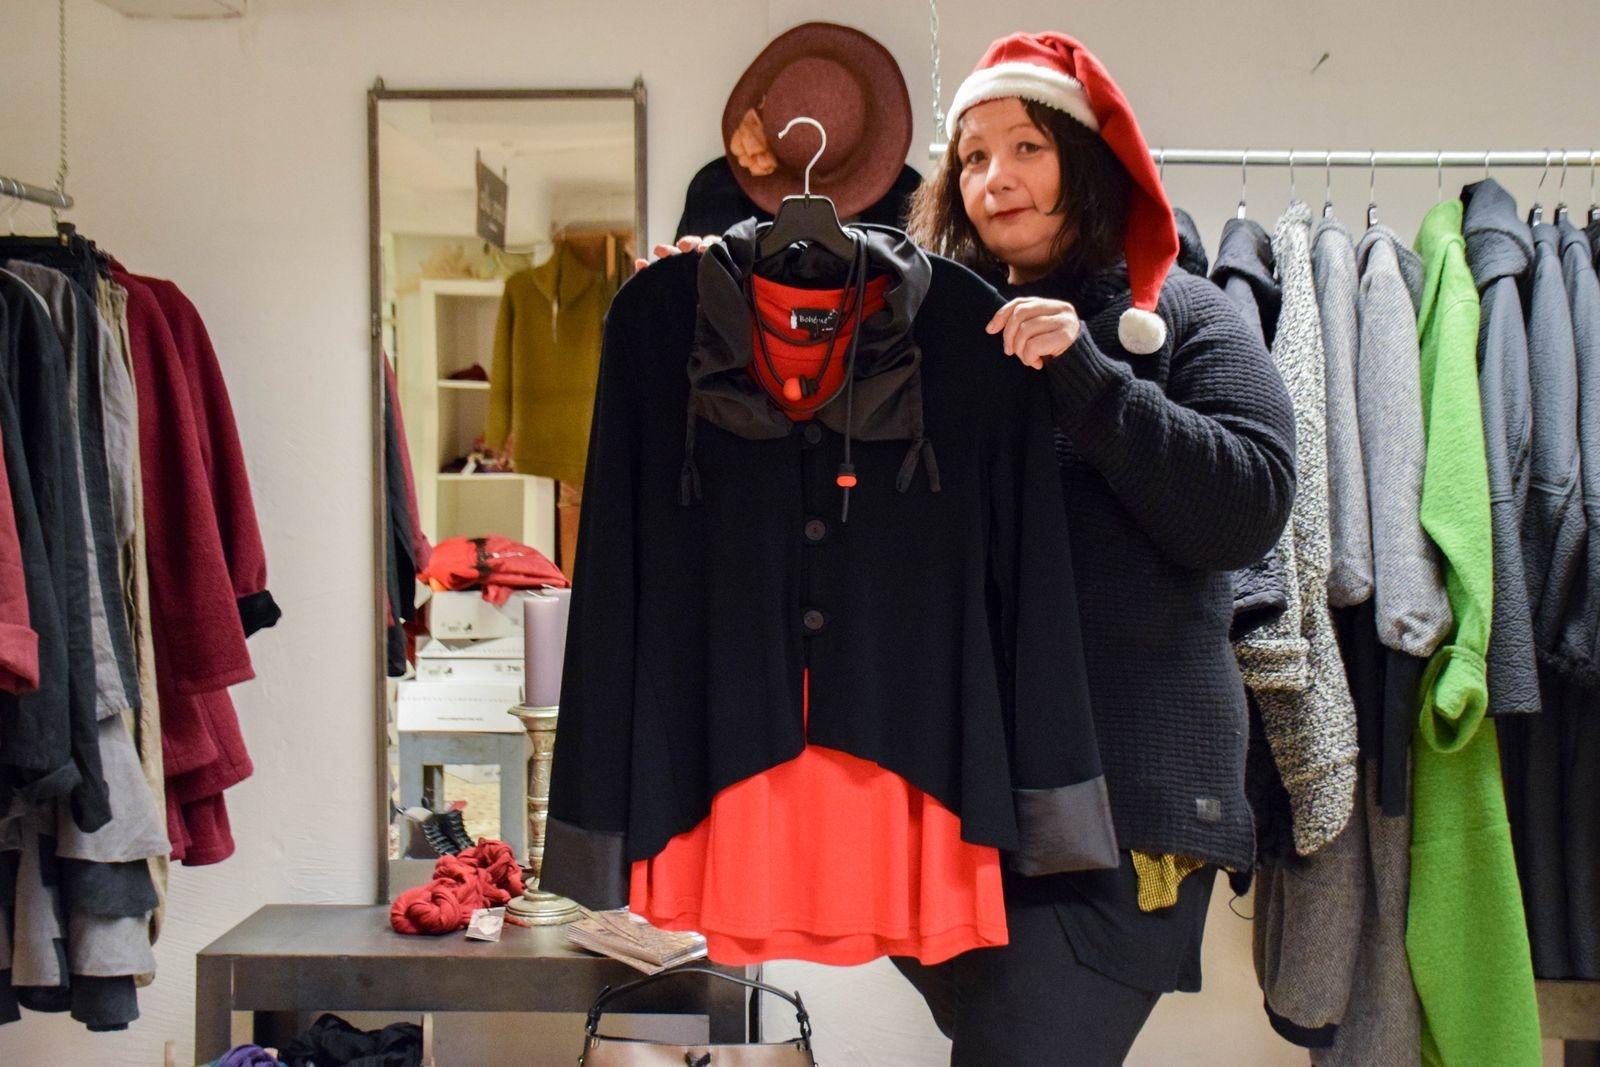 Hos Längorna hittar du unikt mode för kvinnor. Jessica Andersson tipsar om en jacka med taftkrage och kjol med justerbar längd som passar alla figurer från m.p. by Style, juligt röd tröja och halsband från Bohéme.